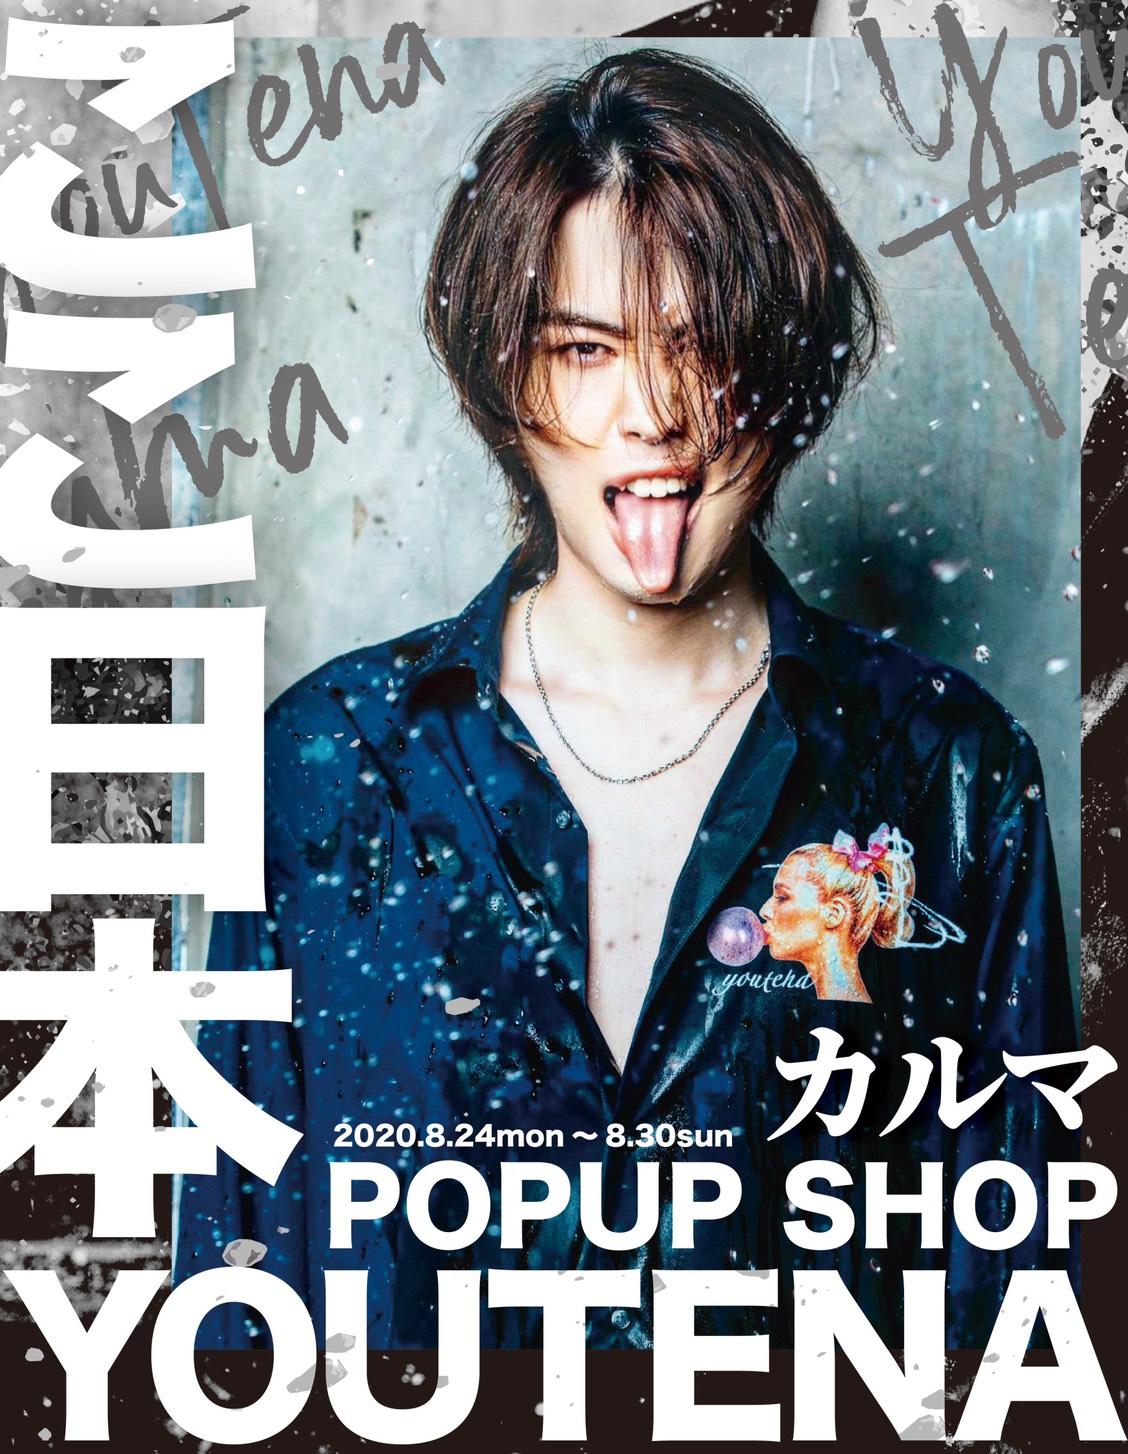 カルマ ここ日本youtena POP UP SHOP SHIBUYA109阿倍野店 事前入店申込